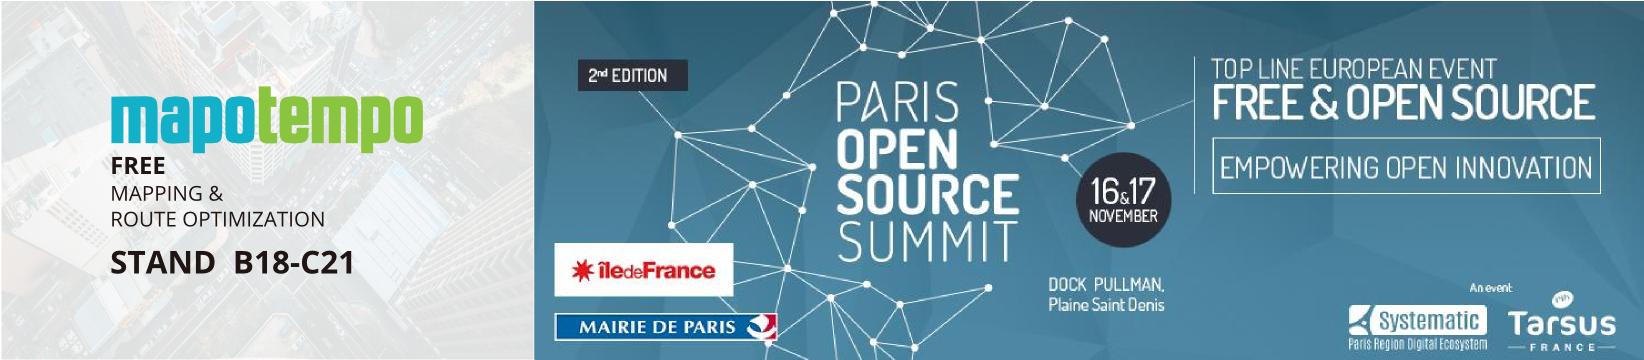 paris_open_source